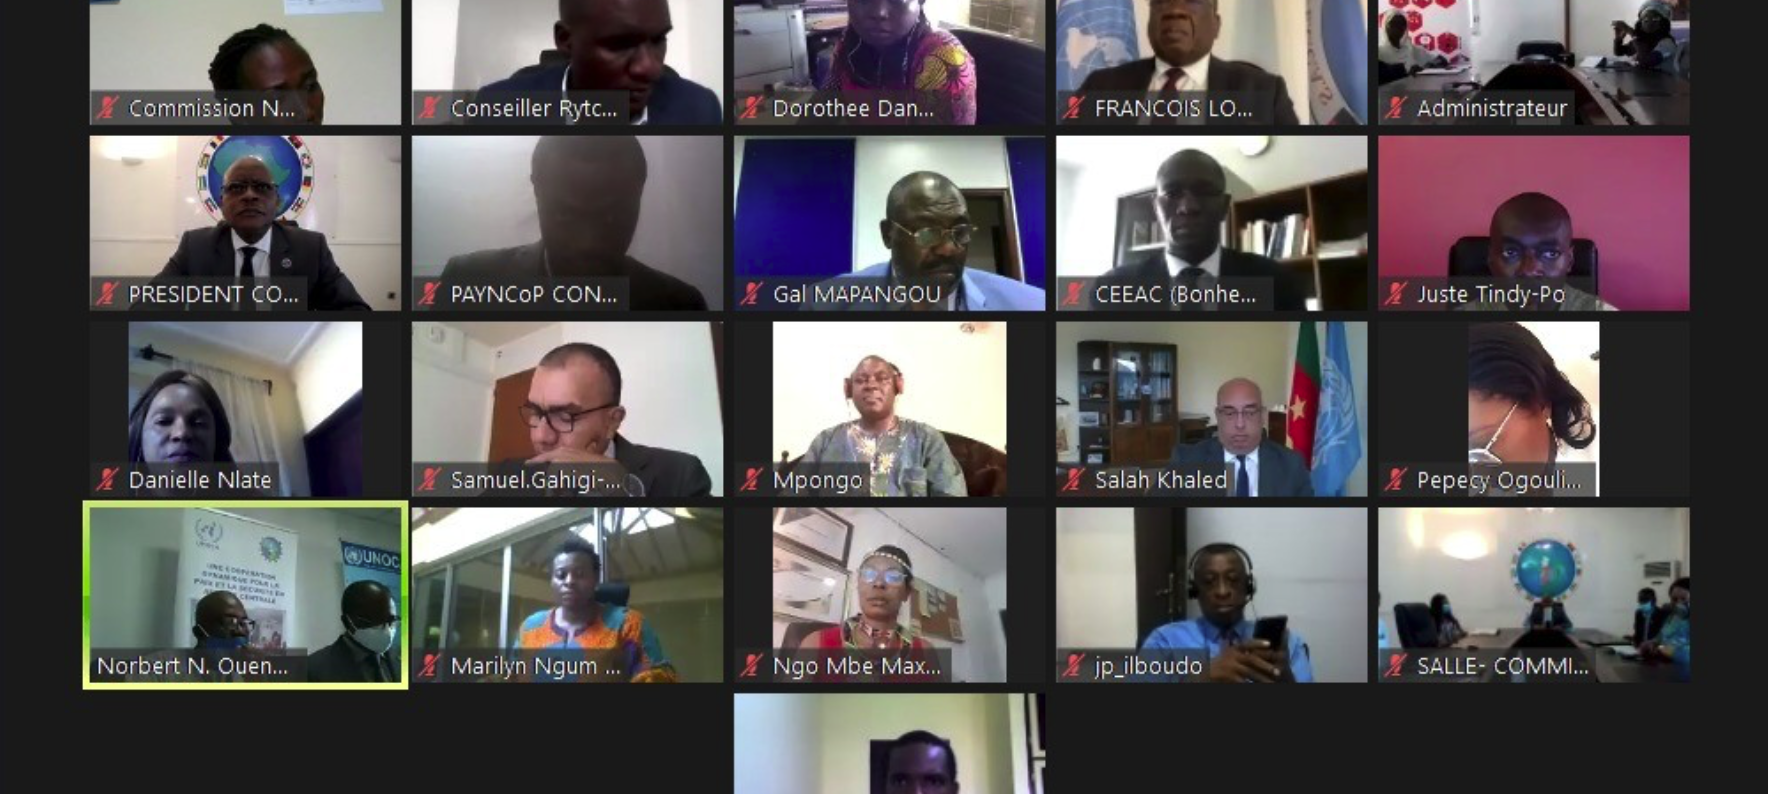 L'UNOCA, l'UNESCO et la CEEAC ensemble pour considérer le combat contre la COVID-19 comme opportunité pour une résolution durable des conflits armés en Afrique centrale